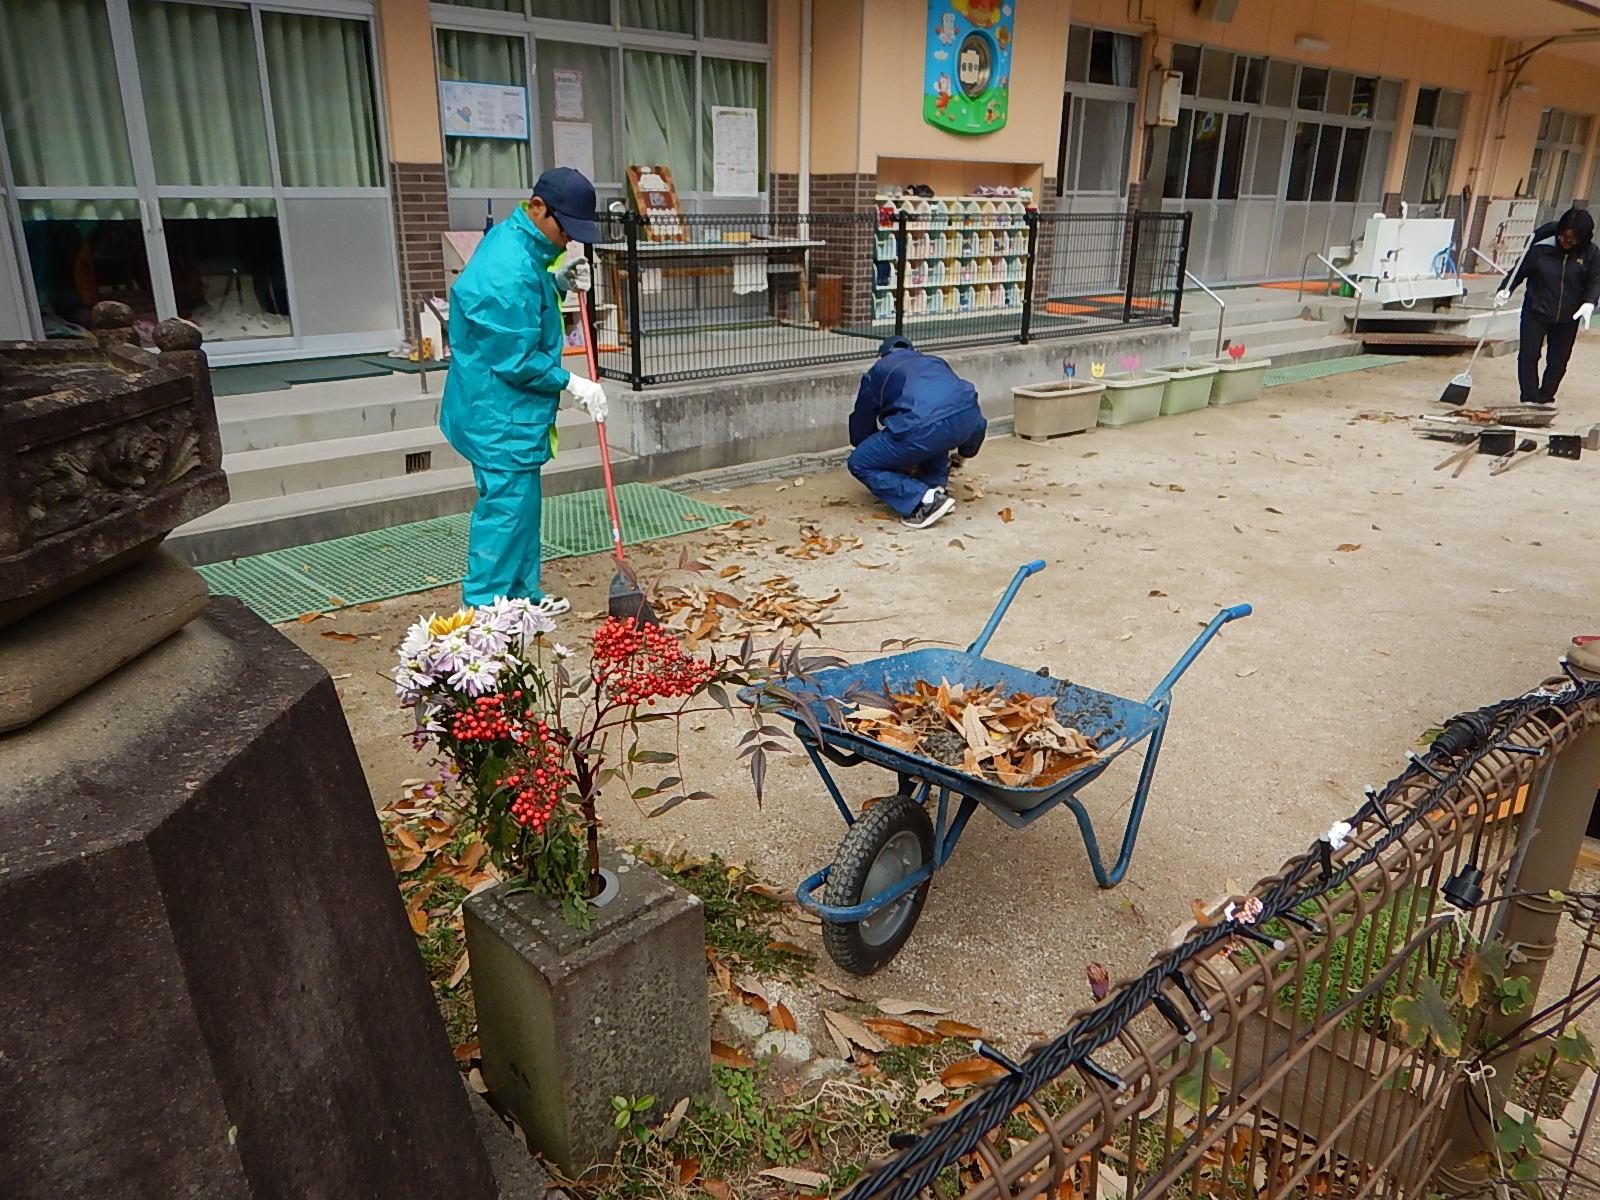 http://www.shimanet.ed.jp/hamadayougo/news/DSCN0339.JPG